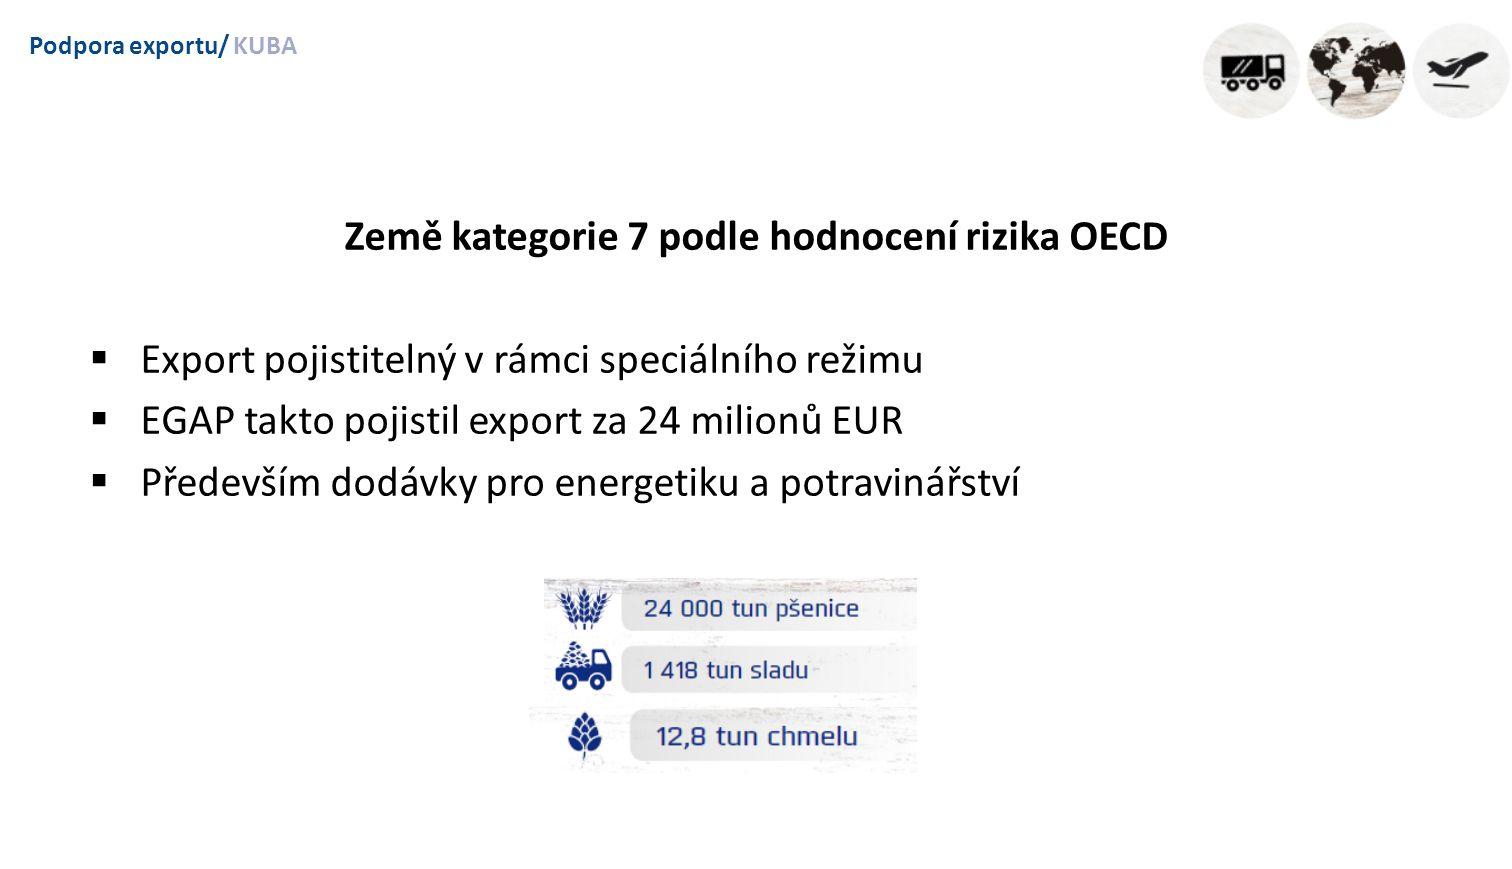 Podpora exportu/KUBA Země kategorie 7 podle hodnocení rizika OECD  Export pojistitelný v rámci speciálního režimu  EGAP takto pojistil export za 24 milionů EUR  Především dodávky pro energetiku a potravinářství